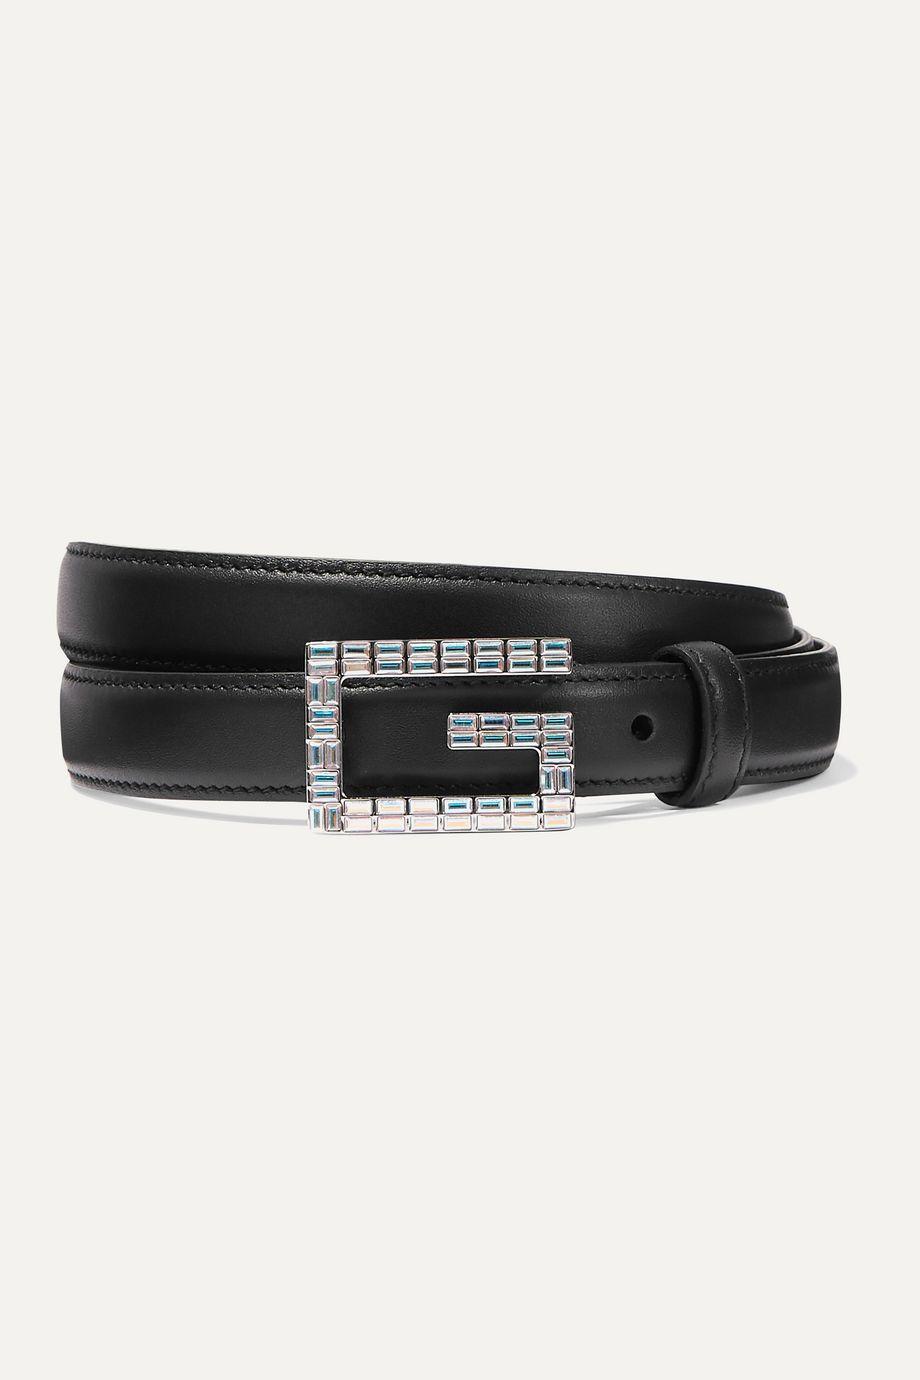 Gucci Moon crystal-embellished leather belt